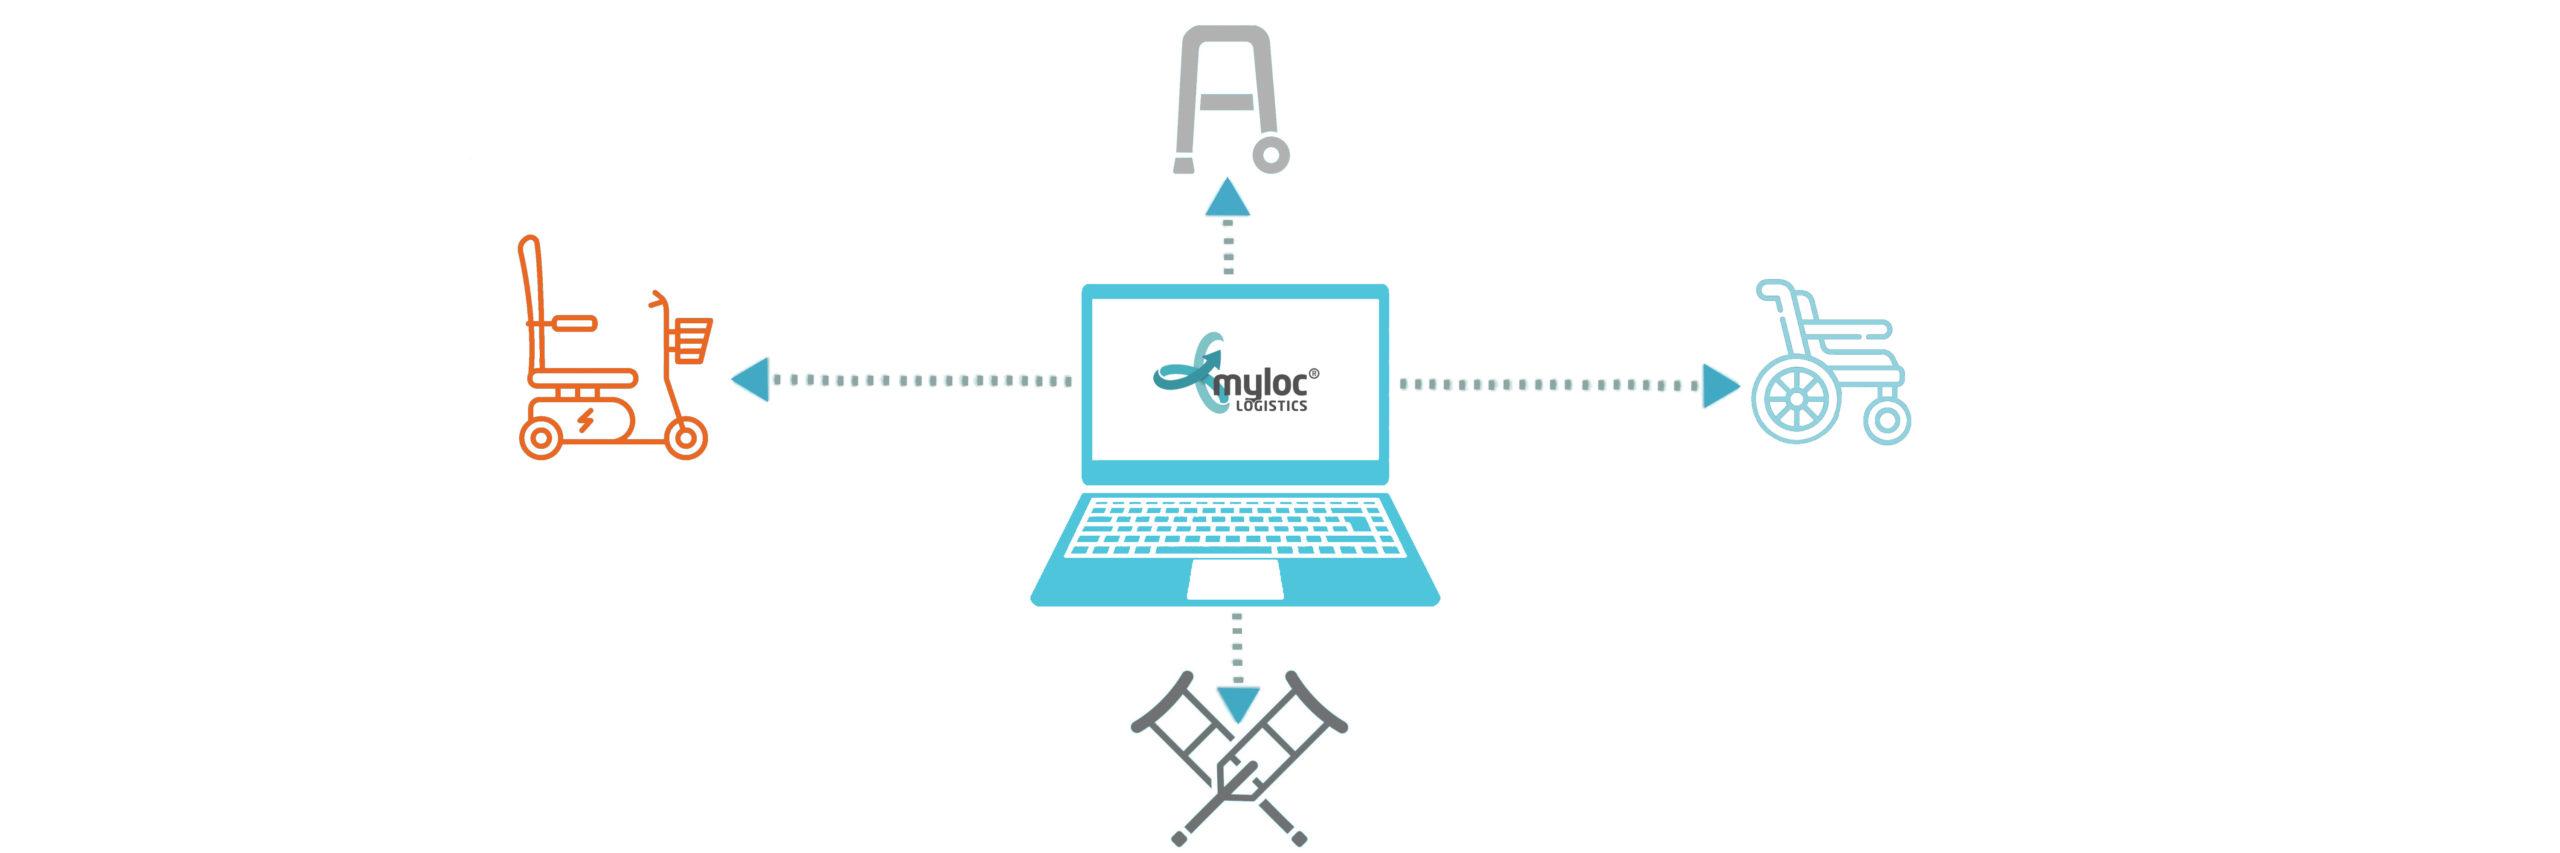 Myloc logistics förskrvarportal kommuner förskrivare hjälpmedel logistik